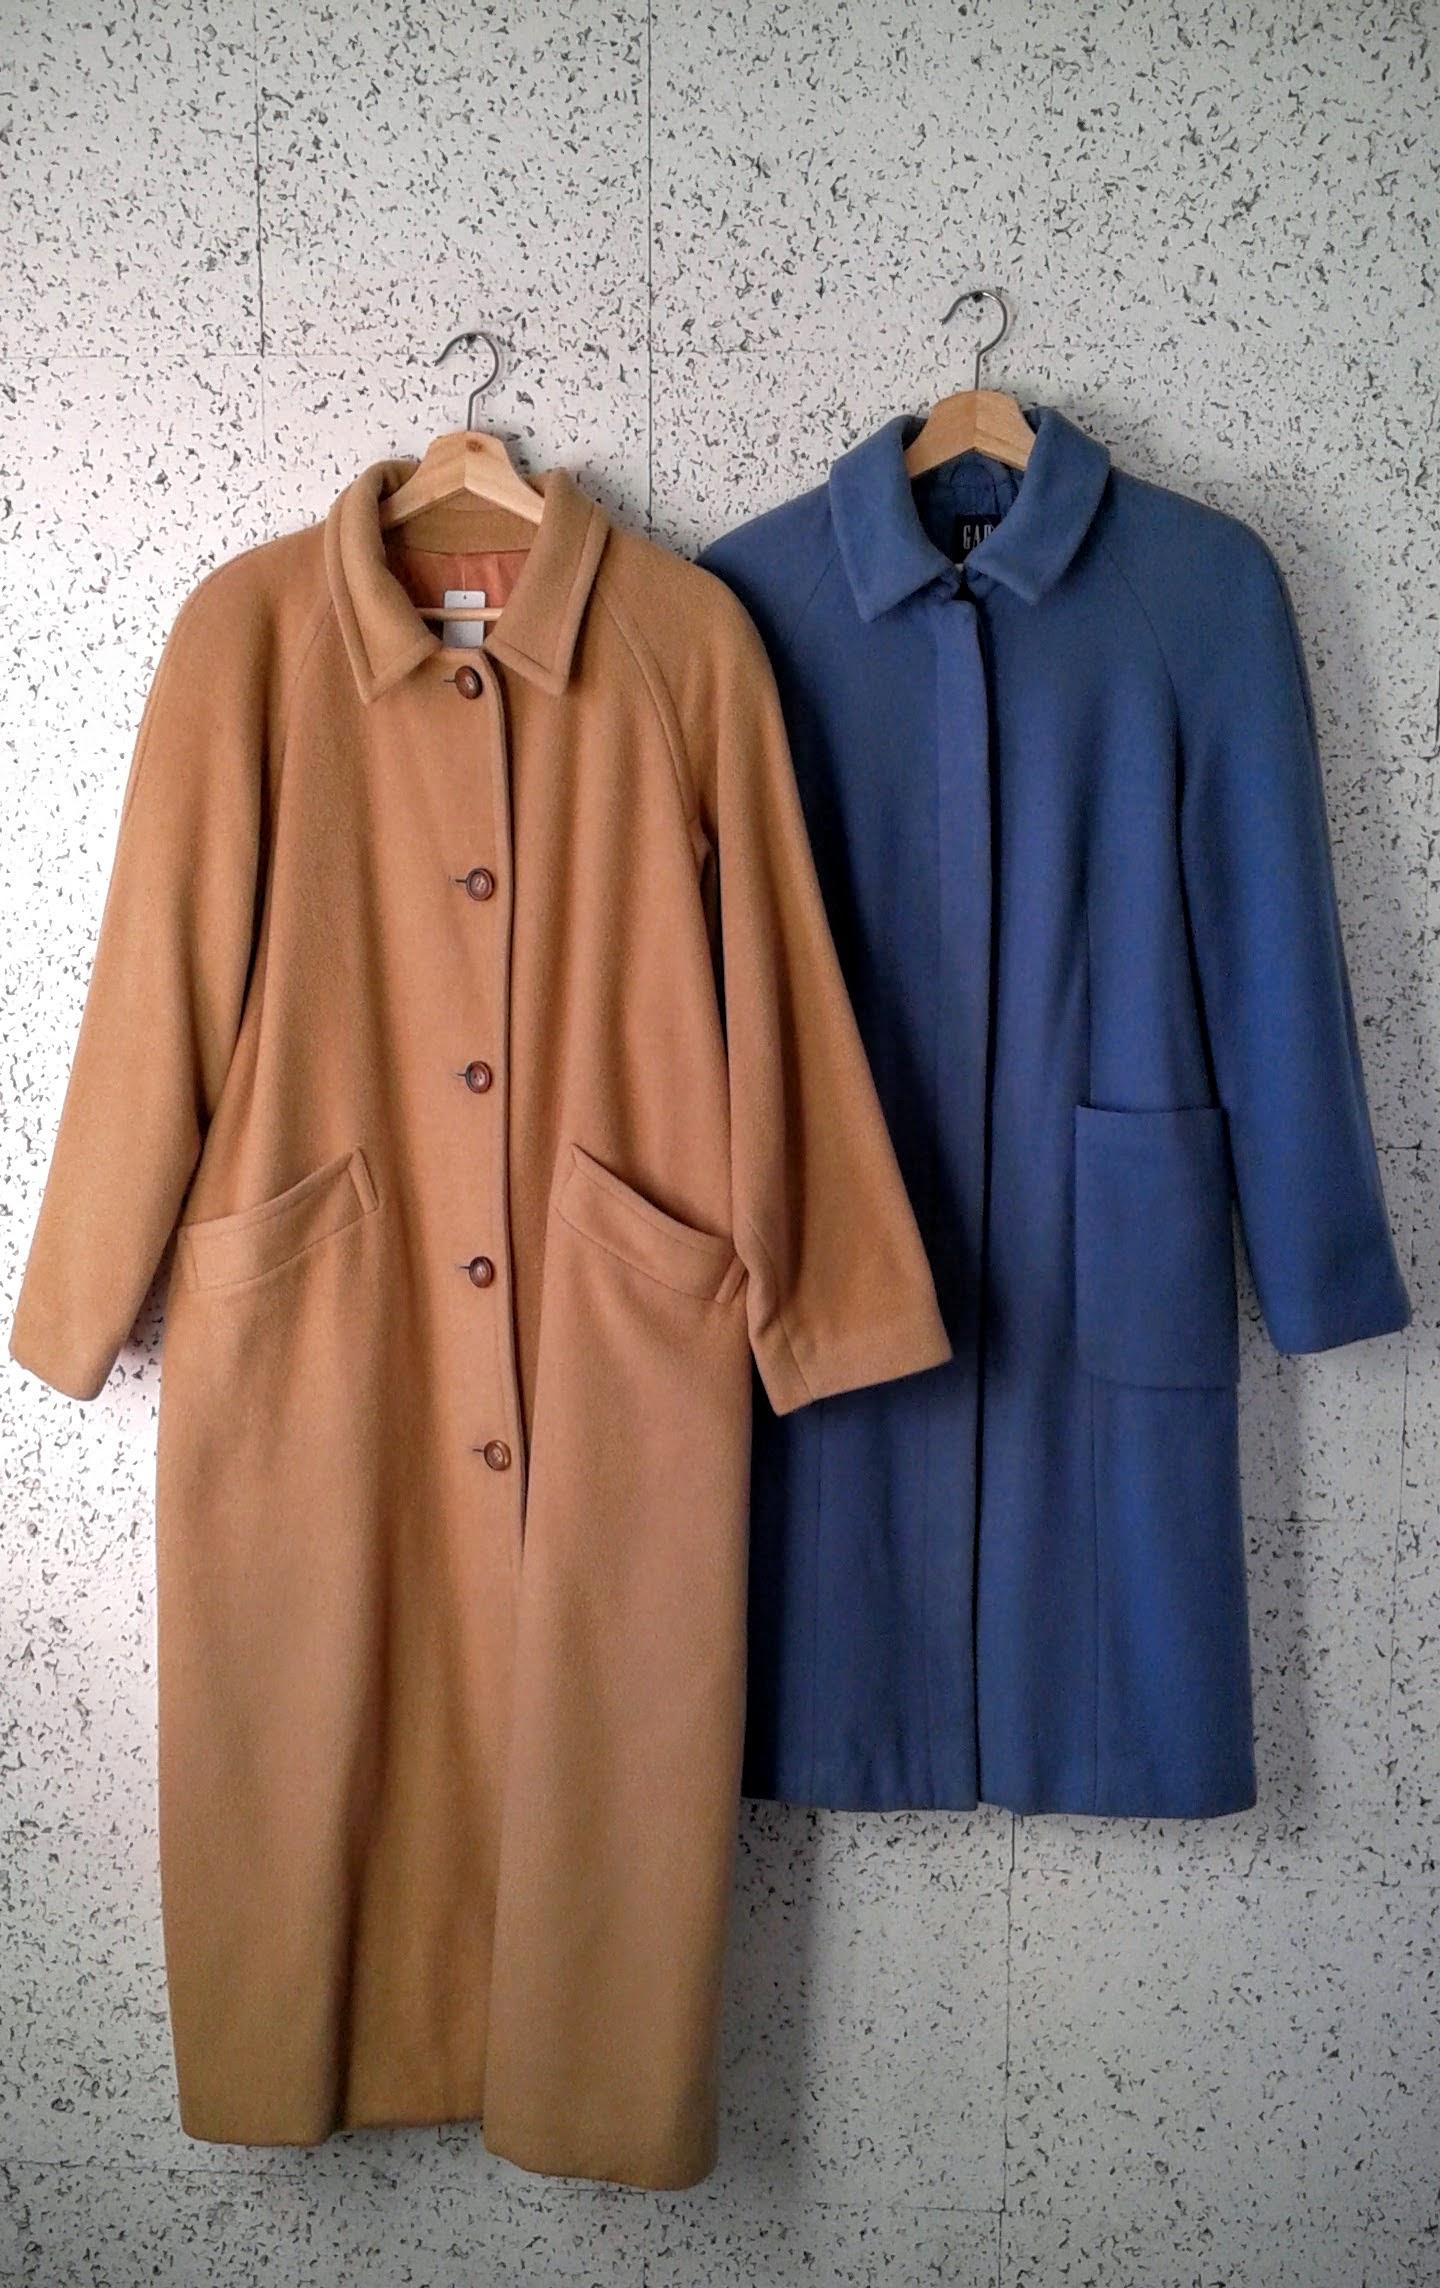 Camel coat, size M/L, $78; Gap coat, Size S, $58